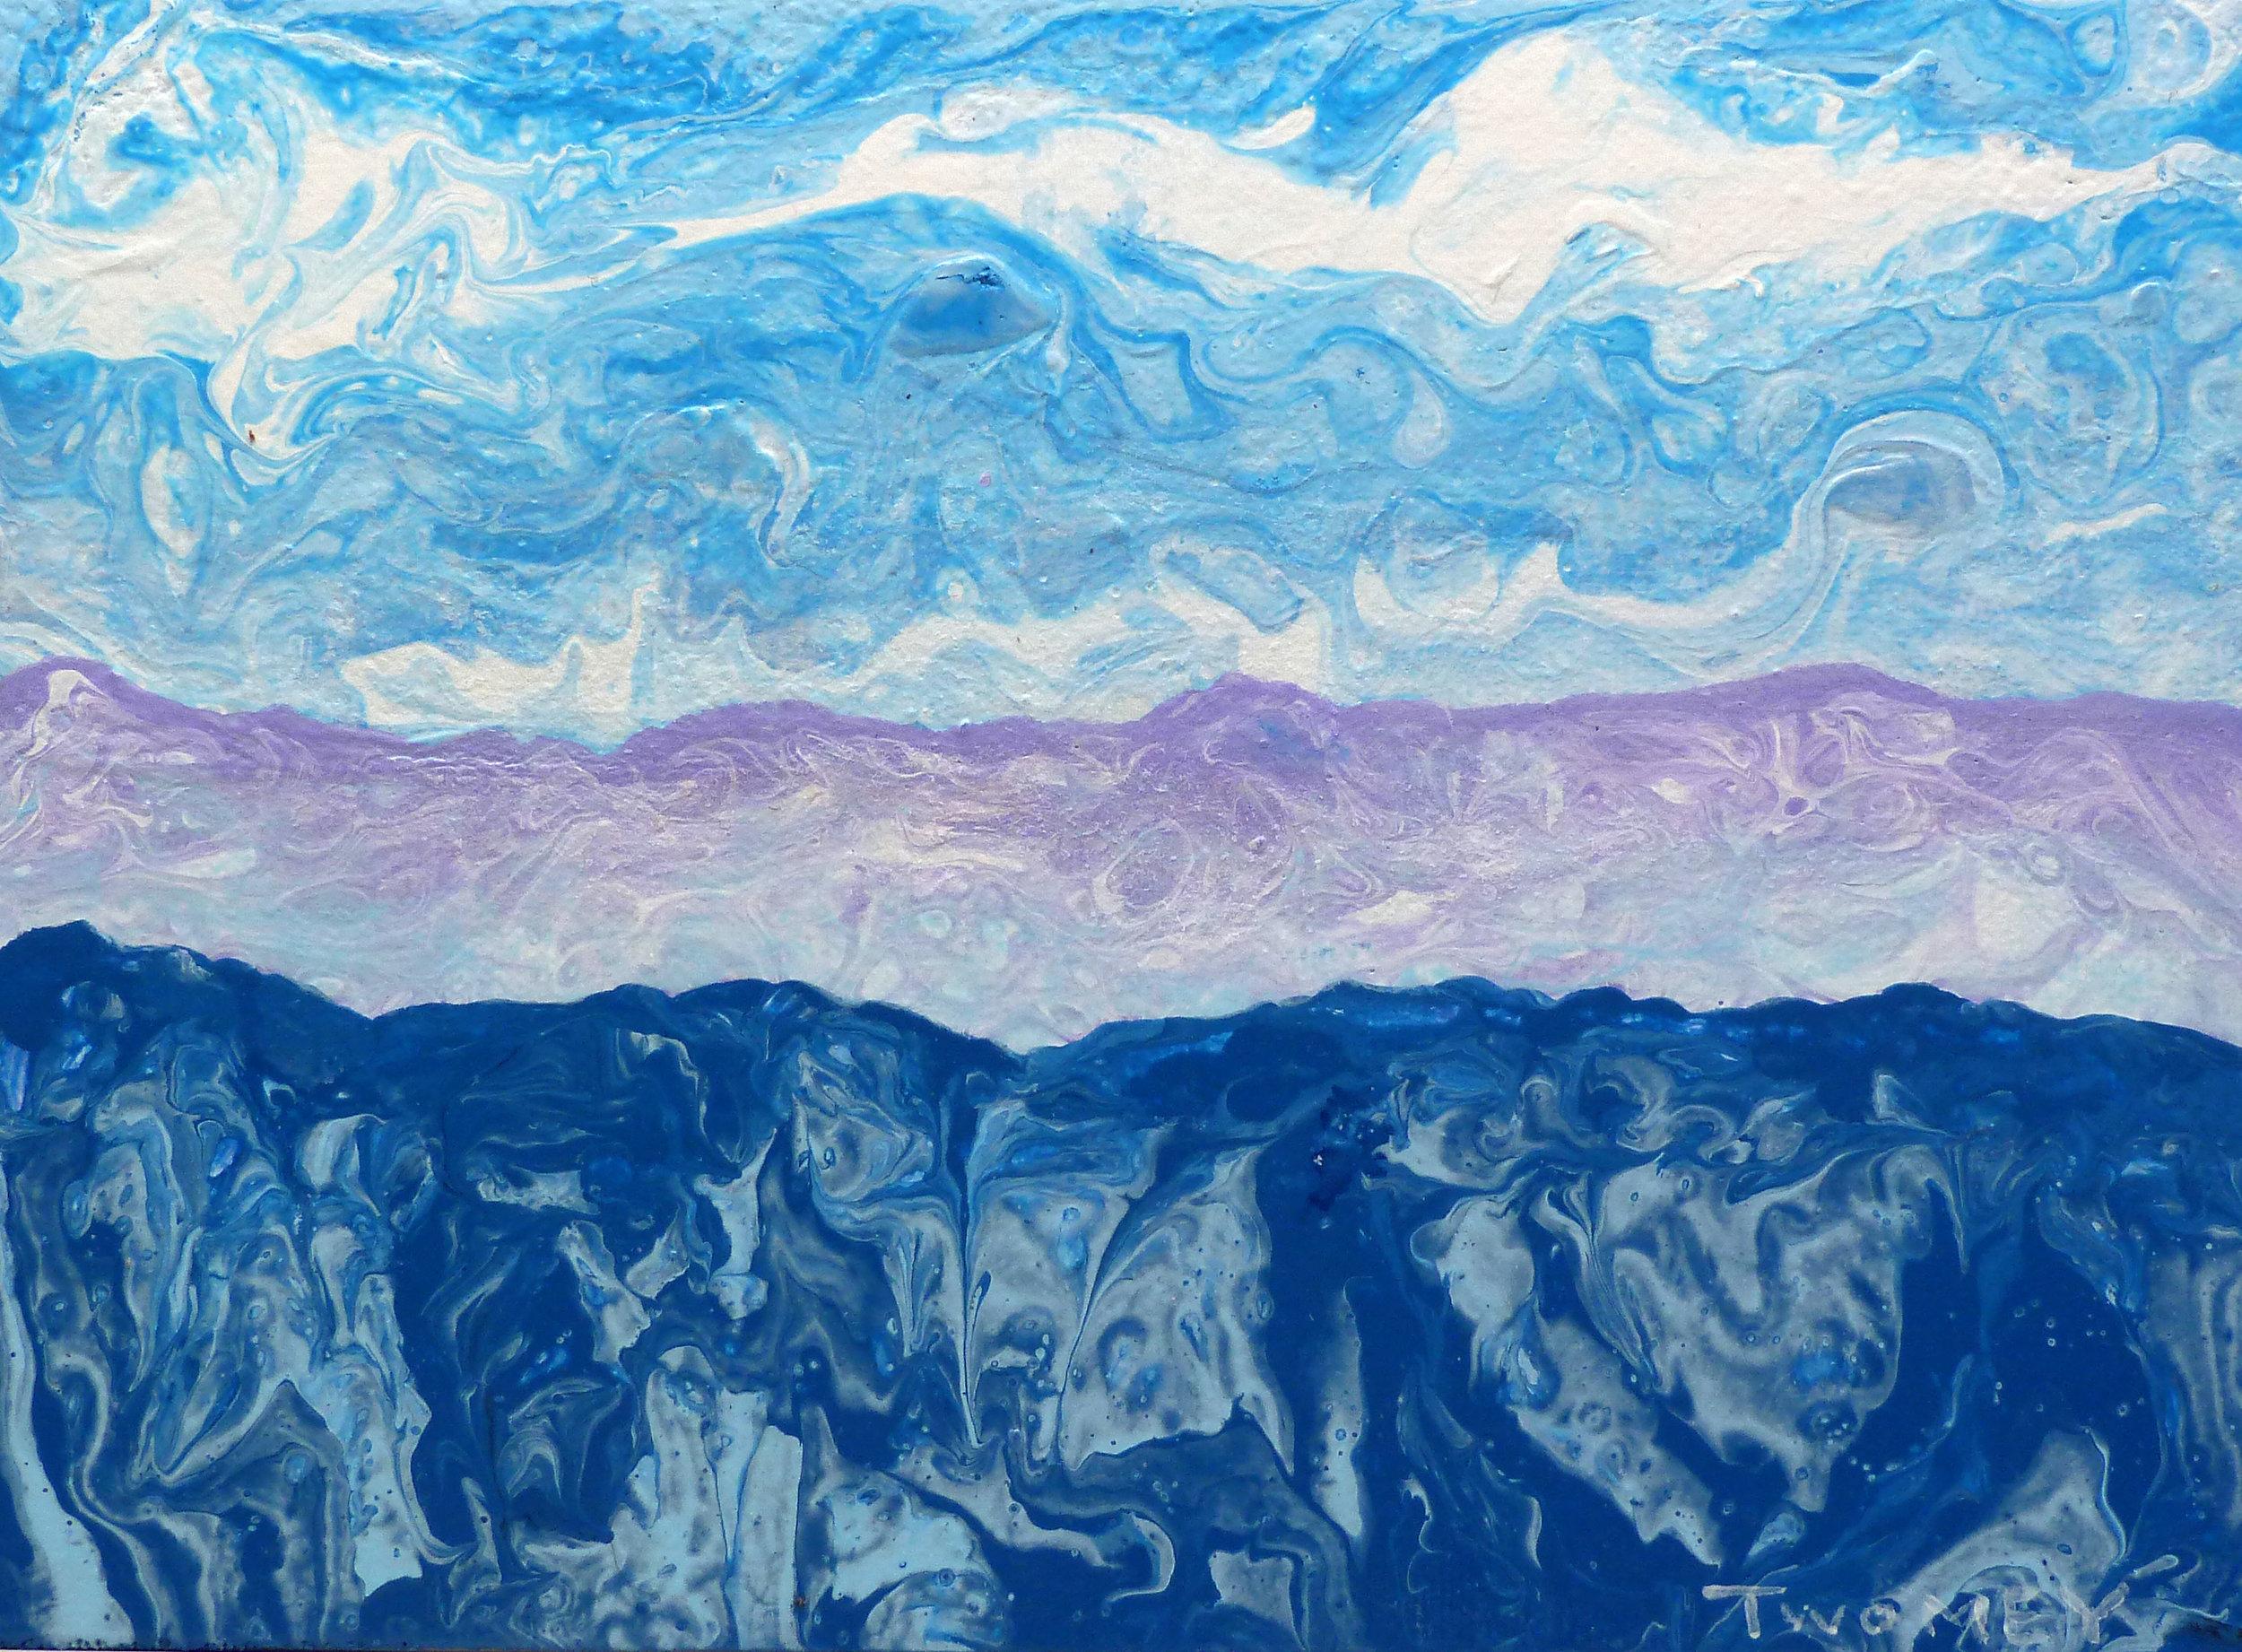 blueridgeswirl.jpg